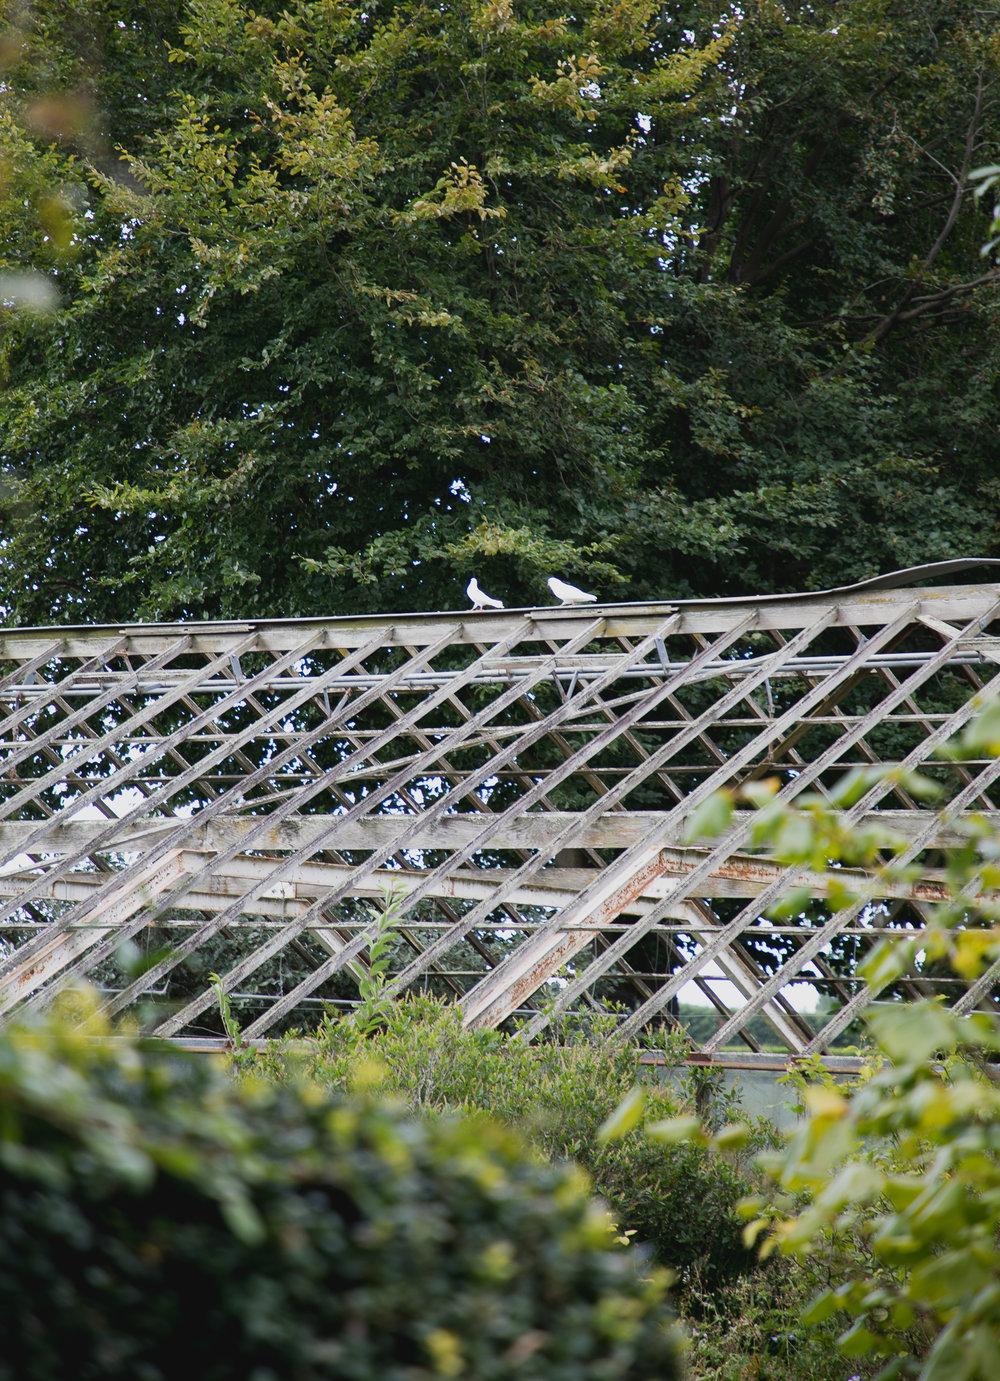 doves on abandoned glasshouse on wedding day